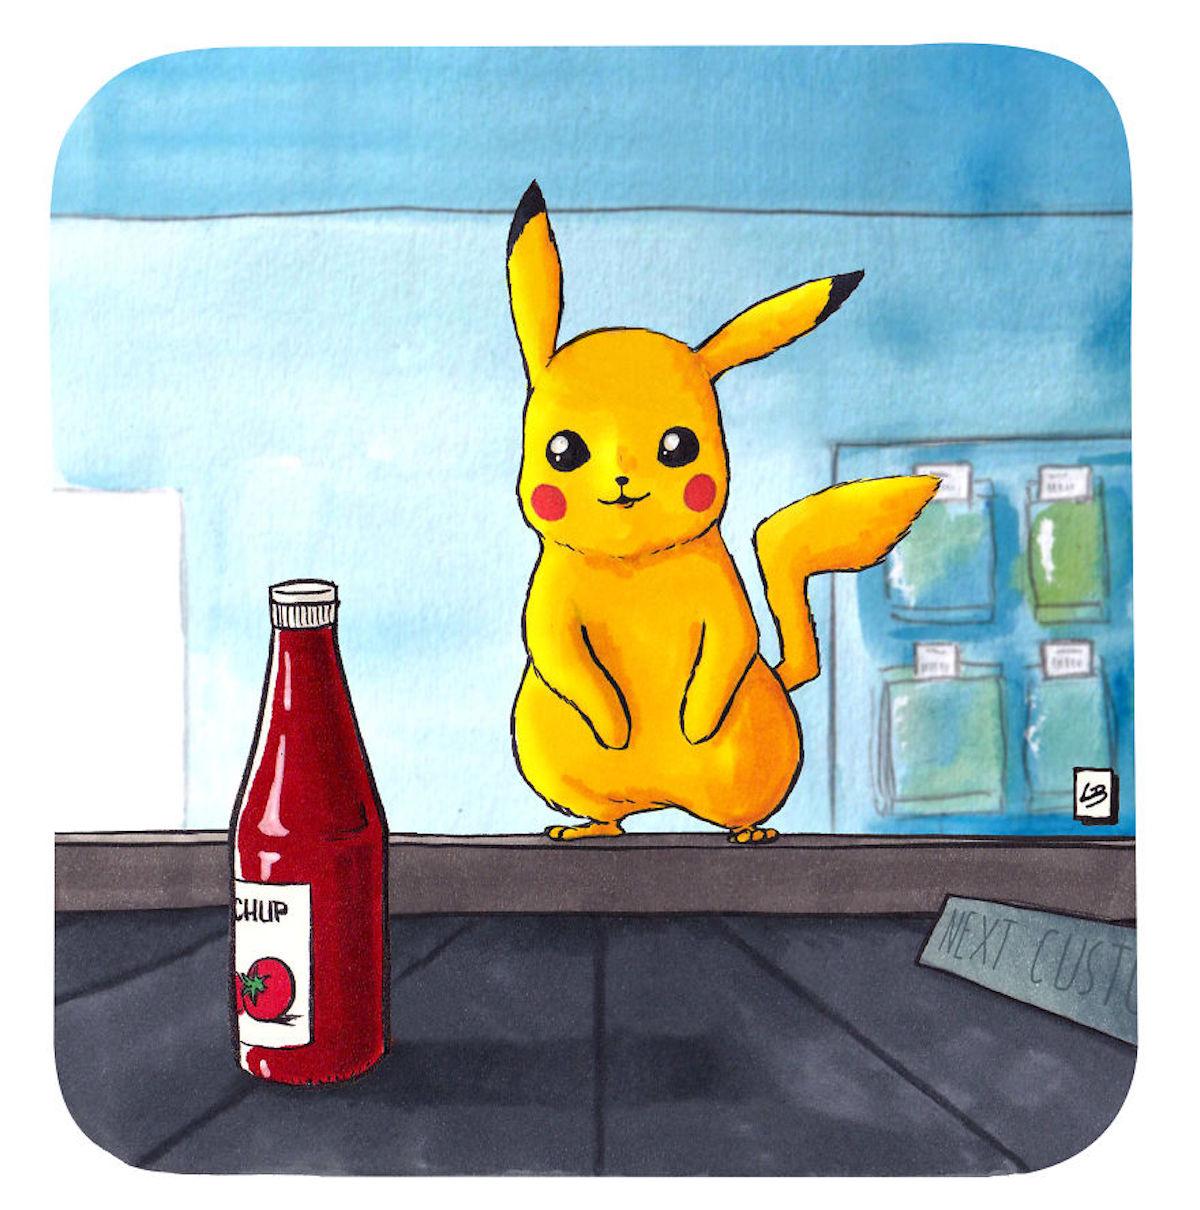 Pikachu ketchup Linda Bouderbala